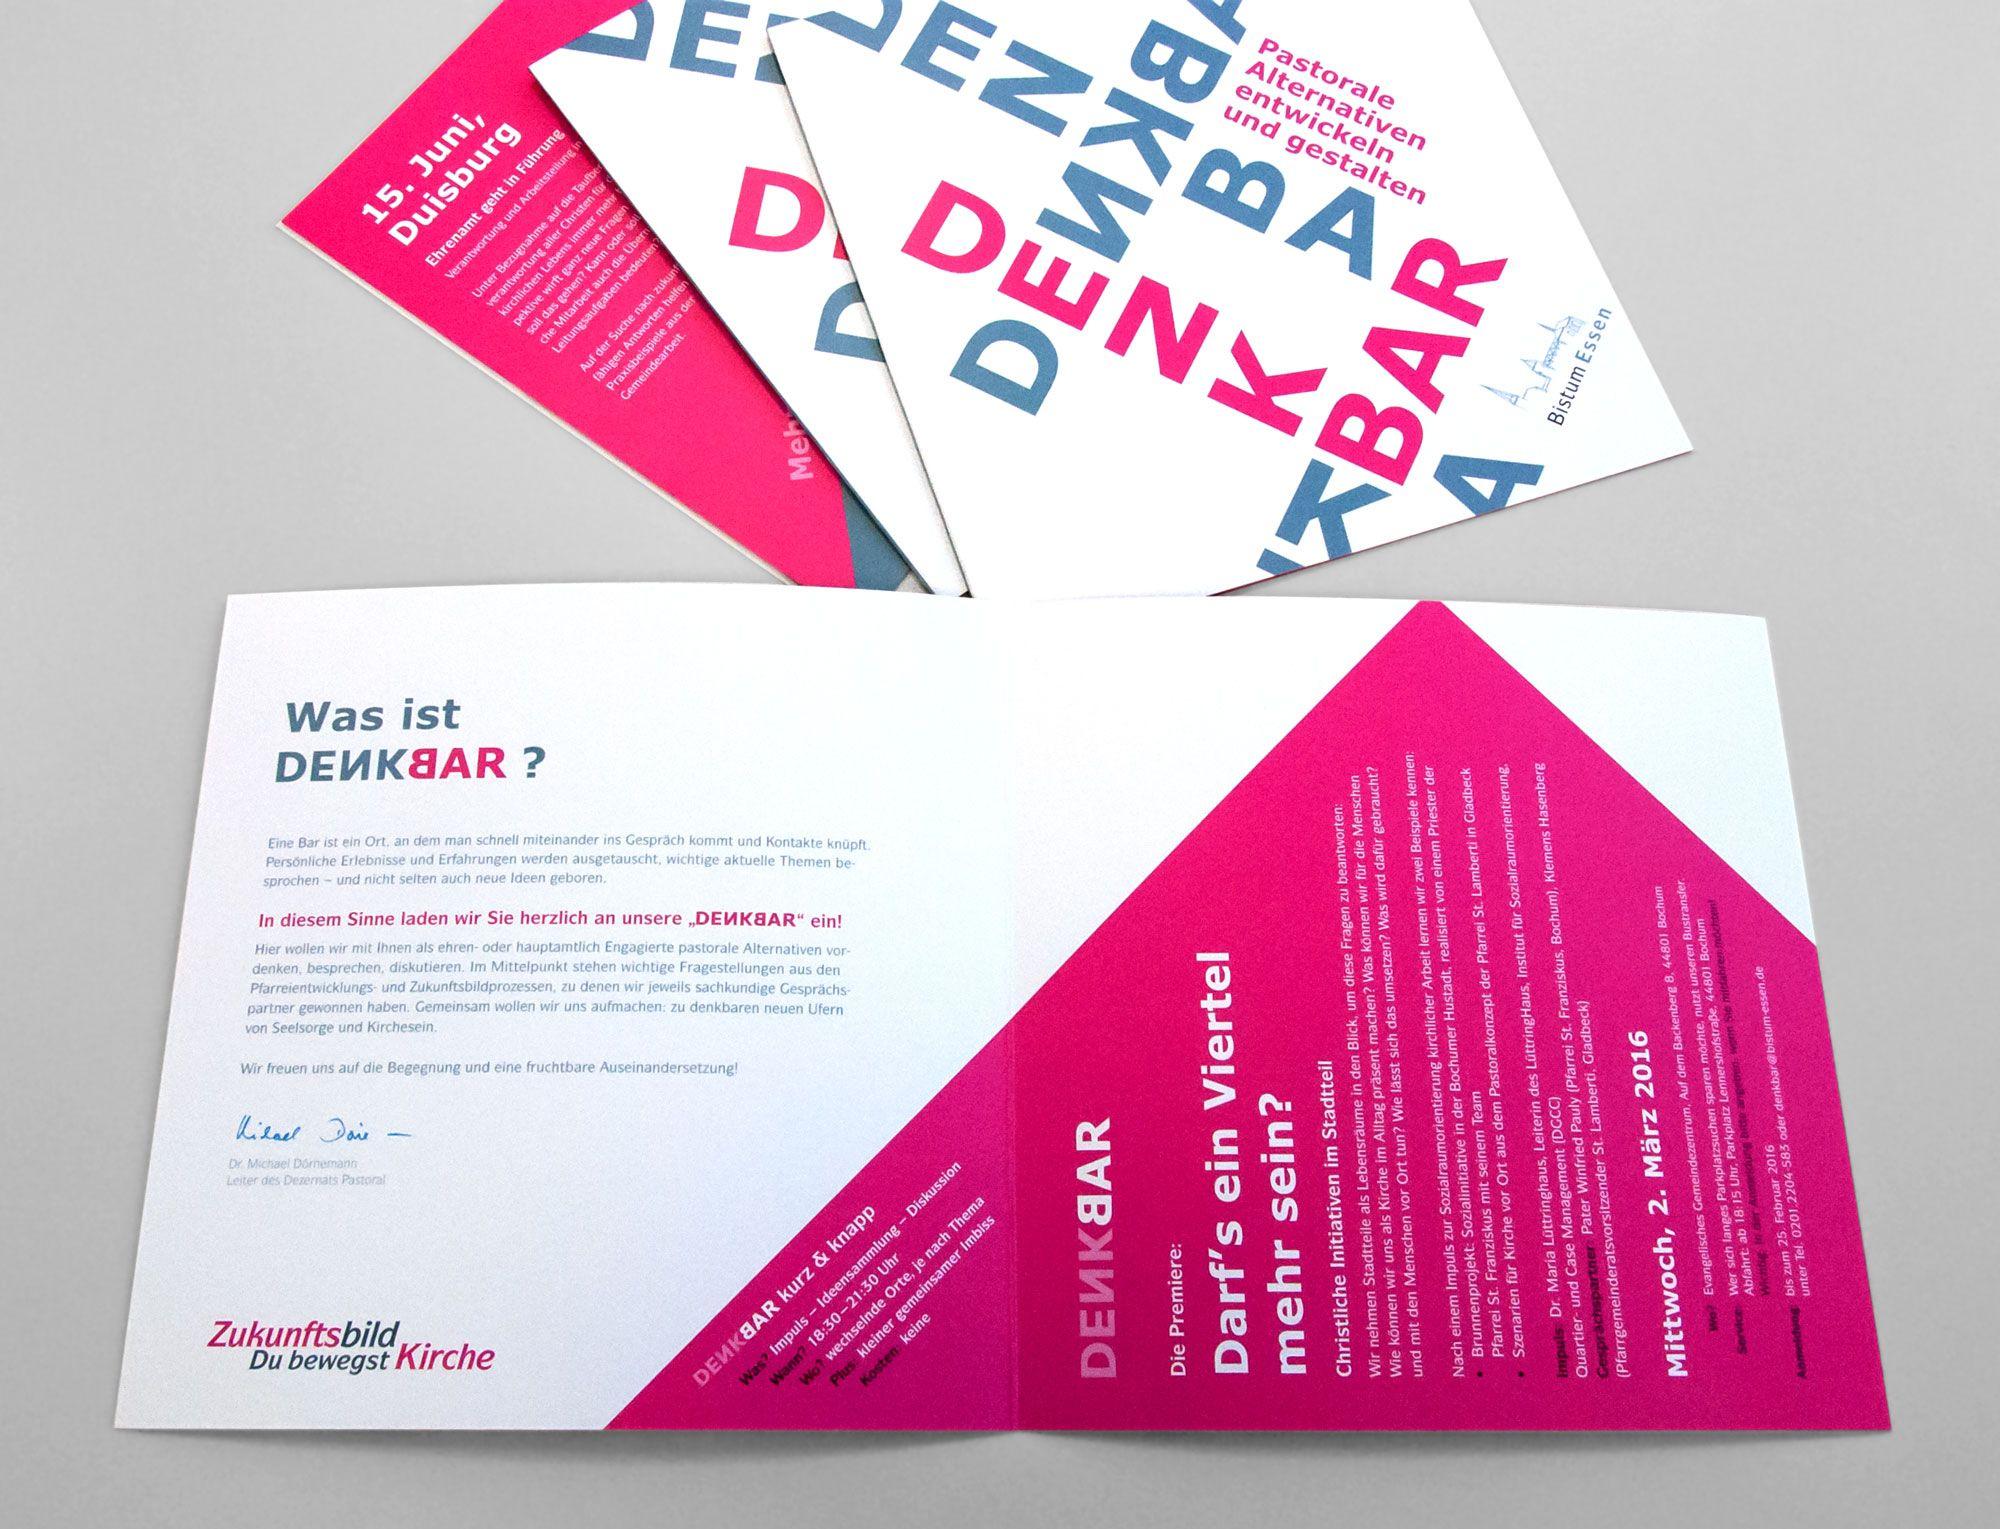 Einladung DENKBAR Innenseite | Layout-Design | Pinterest | Layout design